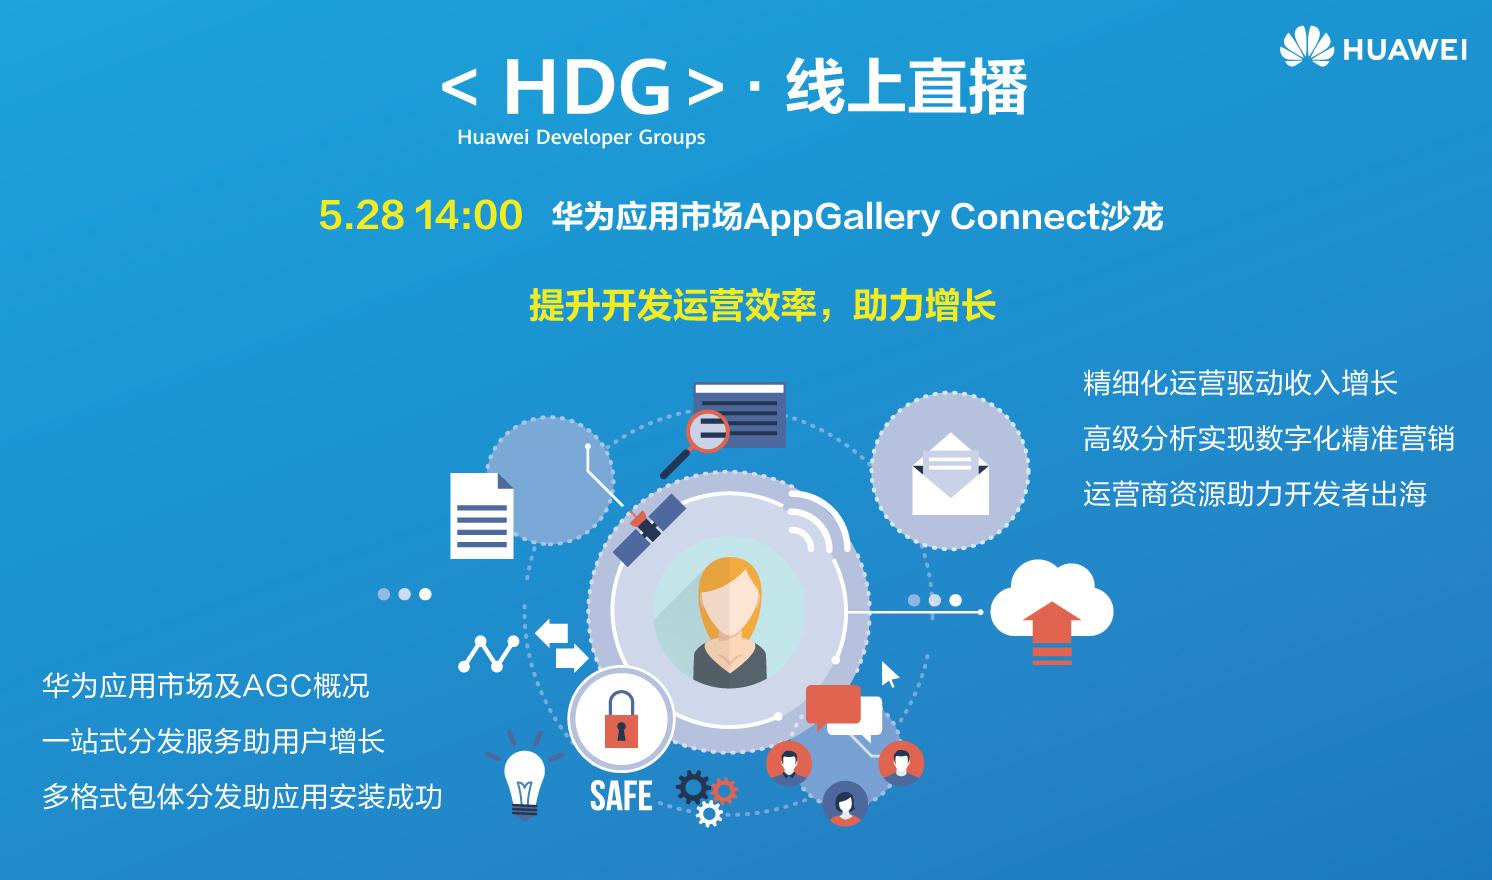 华为应用市场AppGallery Connect开发者沙龙—提升开发运营效率 助力增长(2020-05-28)